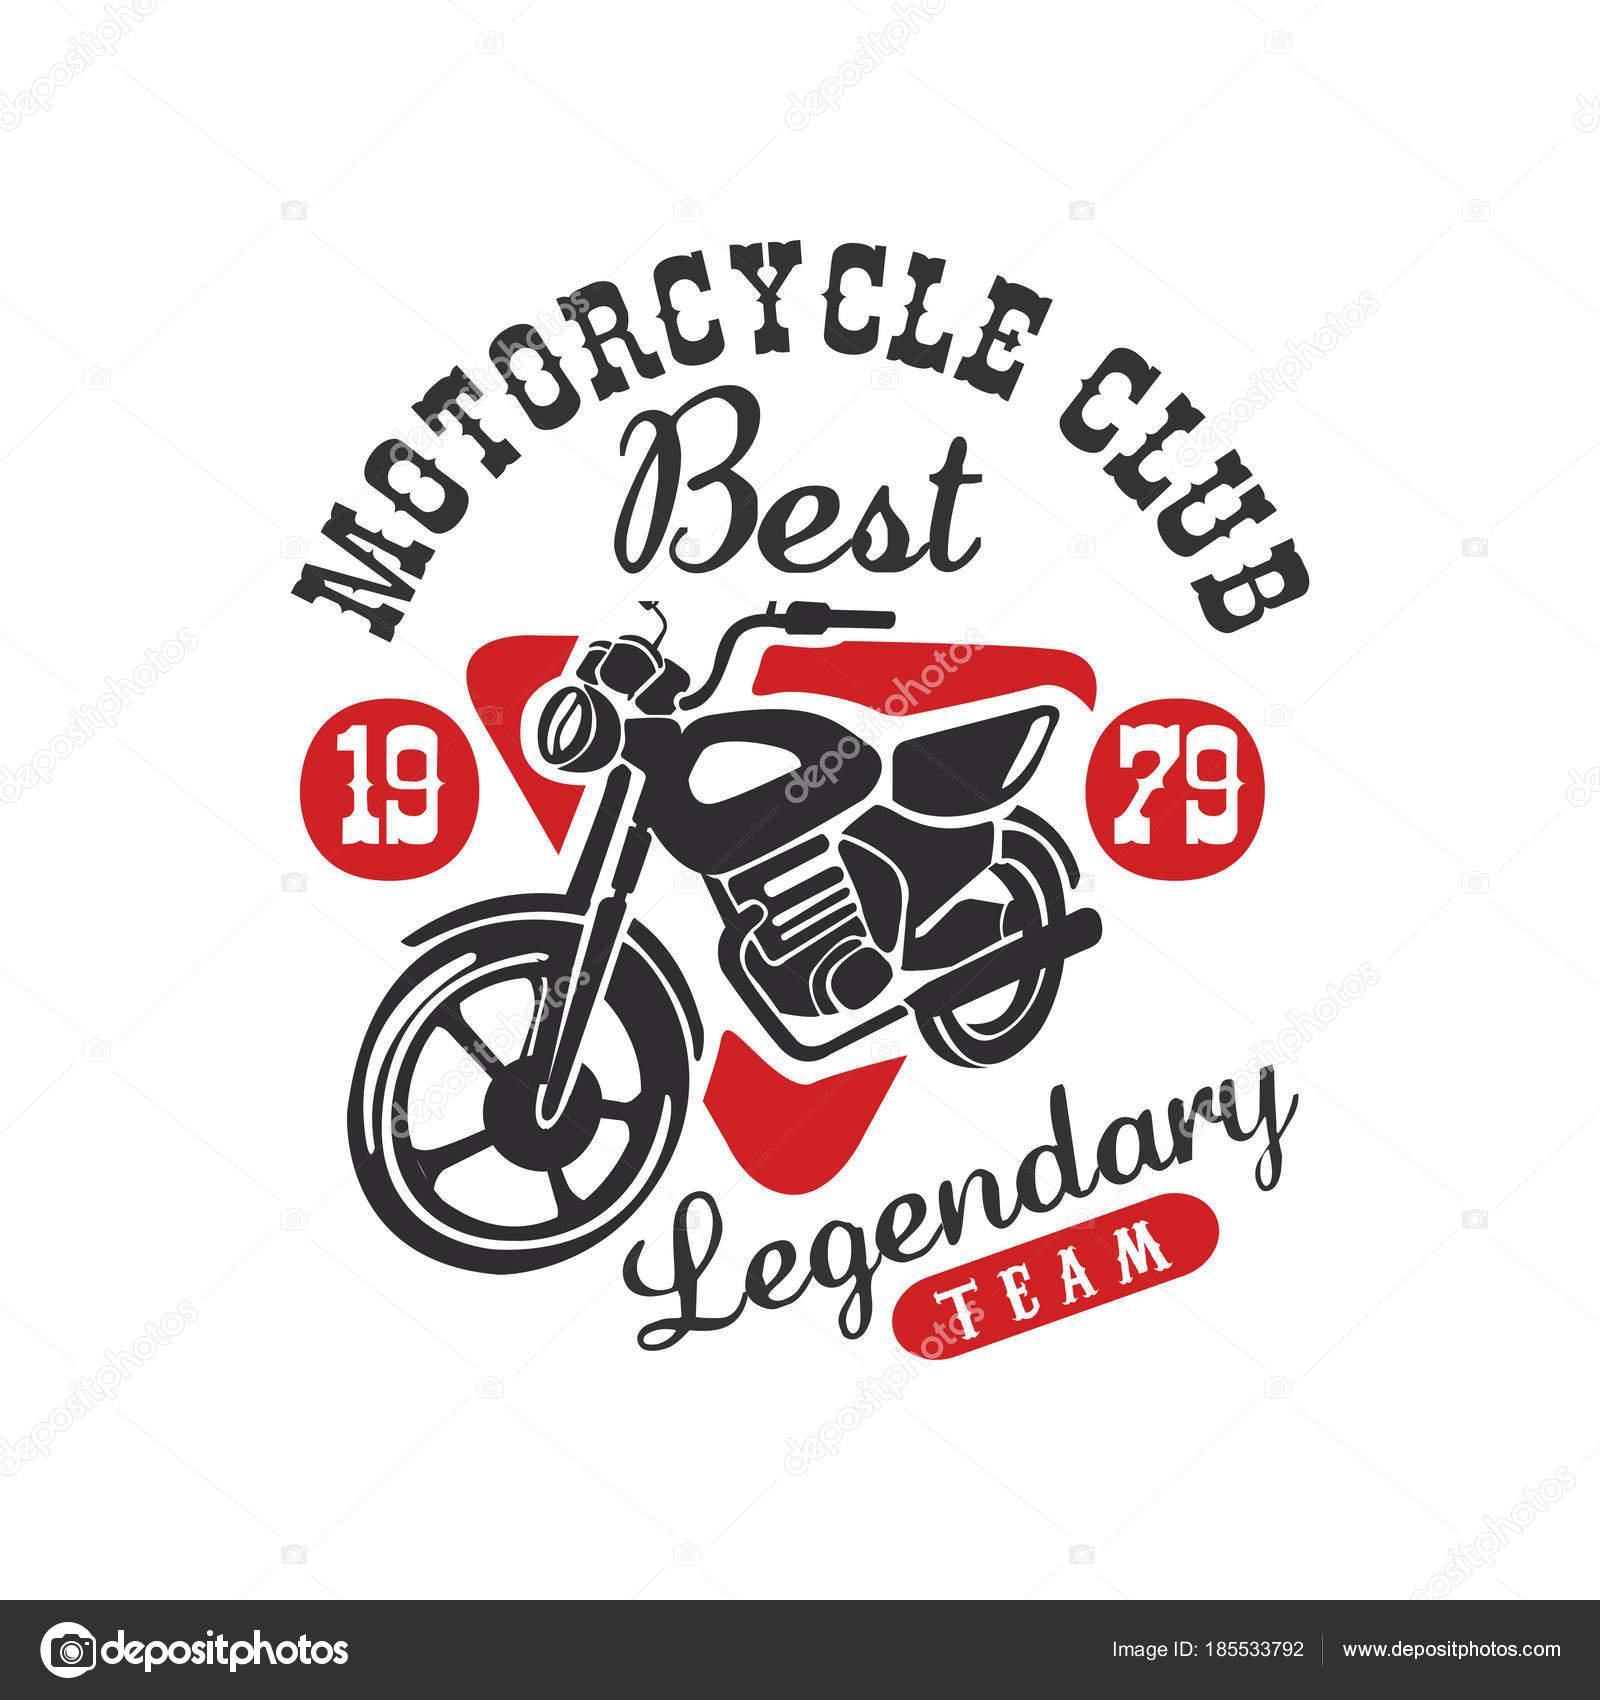 Motorrad-Club-Logo, bester legendären Team, Design-Element für Motor ...